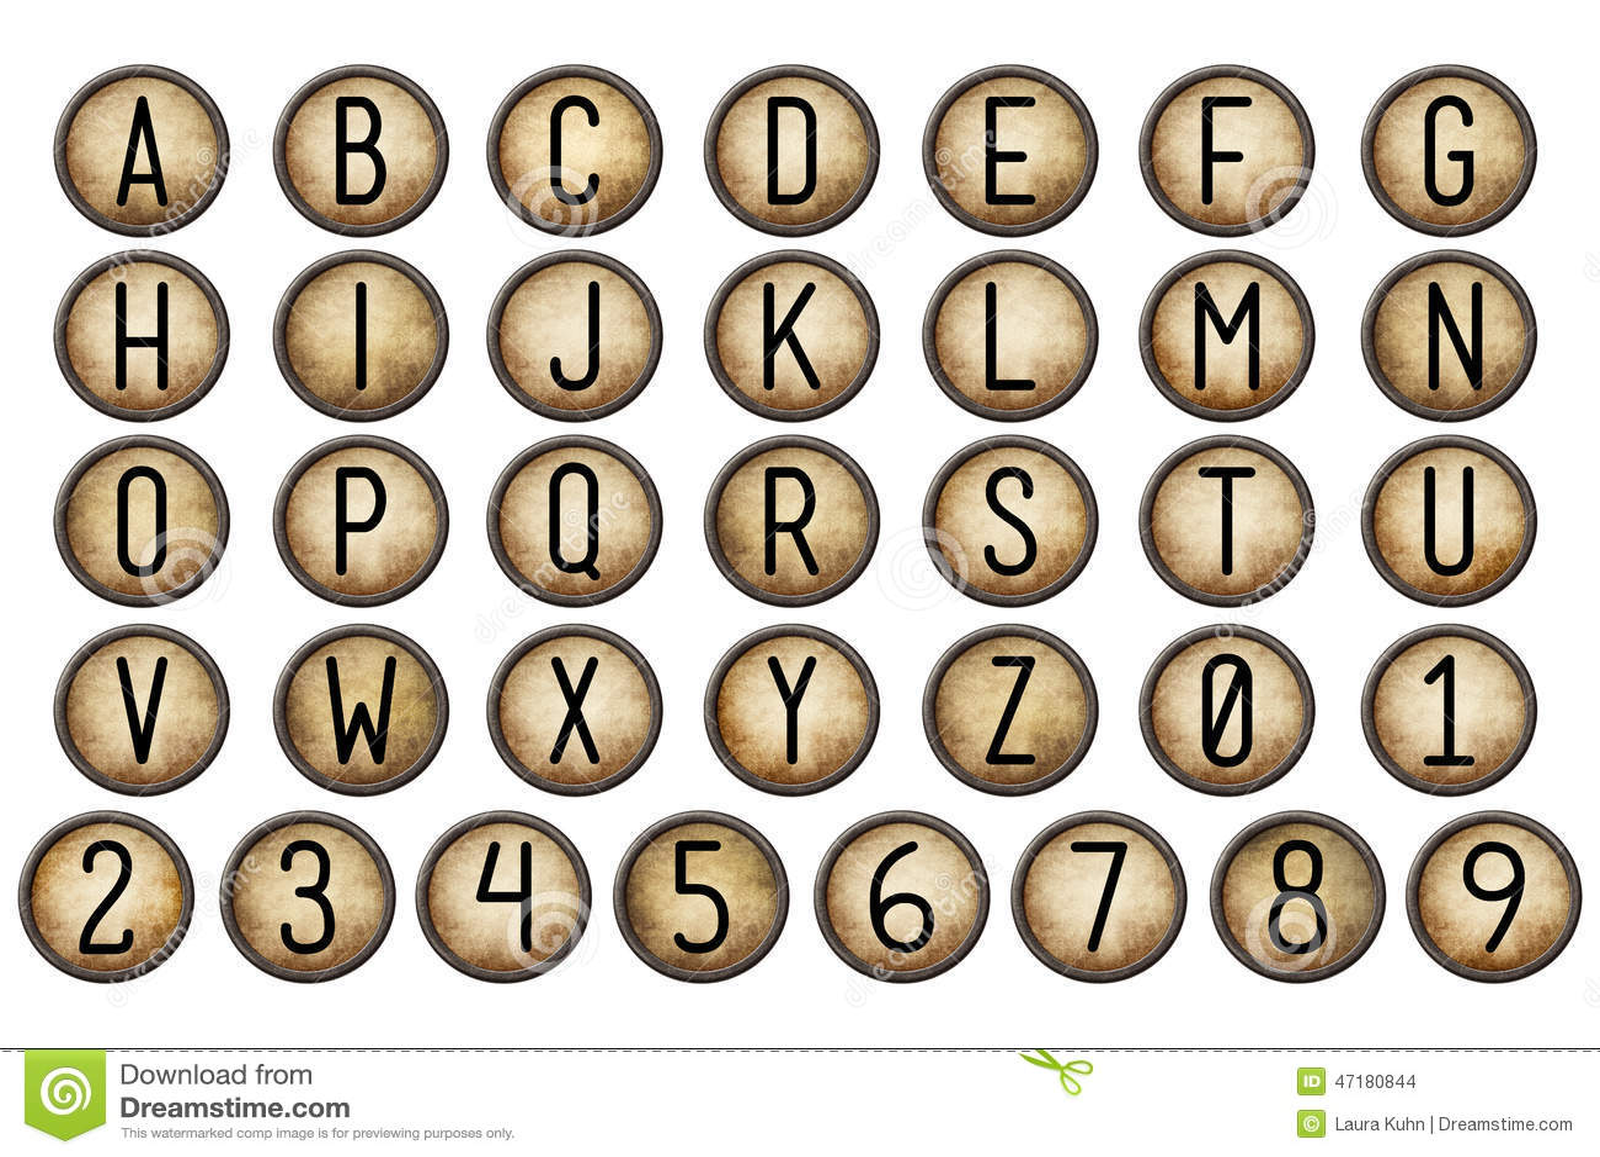 Ψηφιακά κλειδιά γραφομηχανών αλφάβητου λευκώματος αποκομμάτων